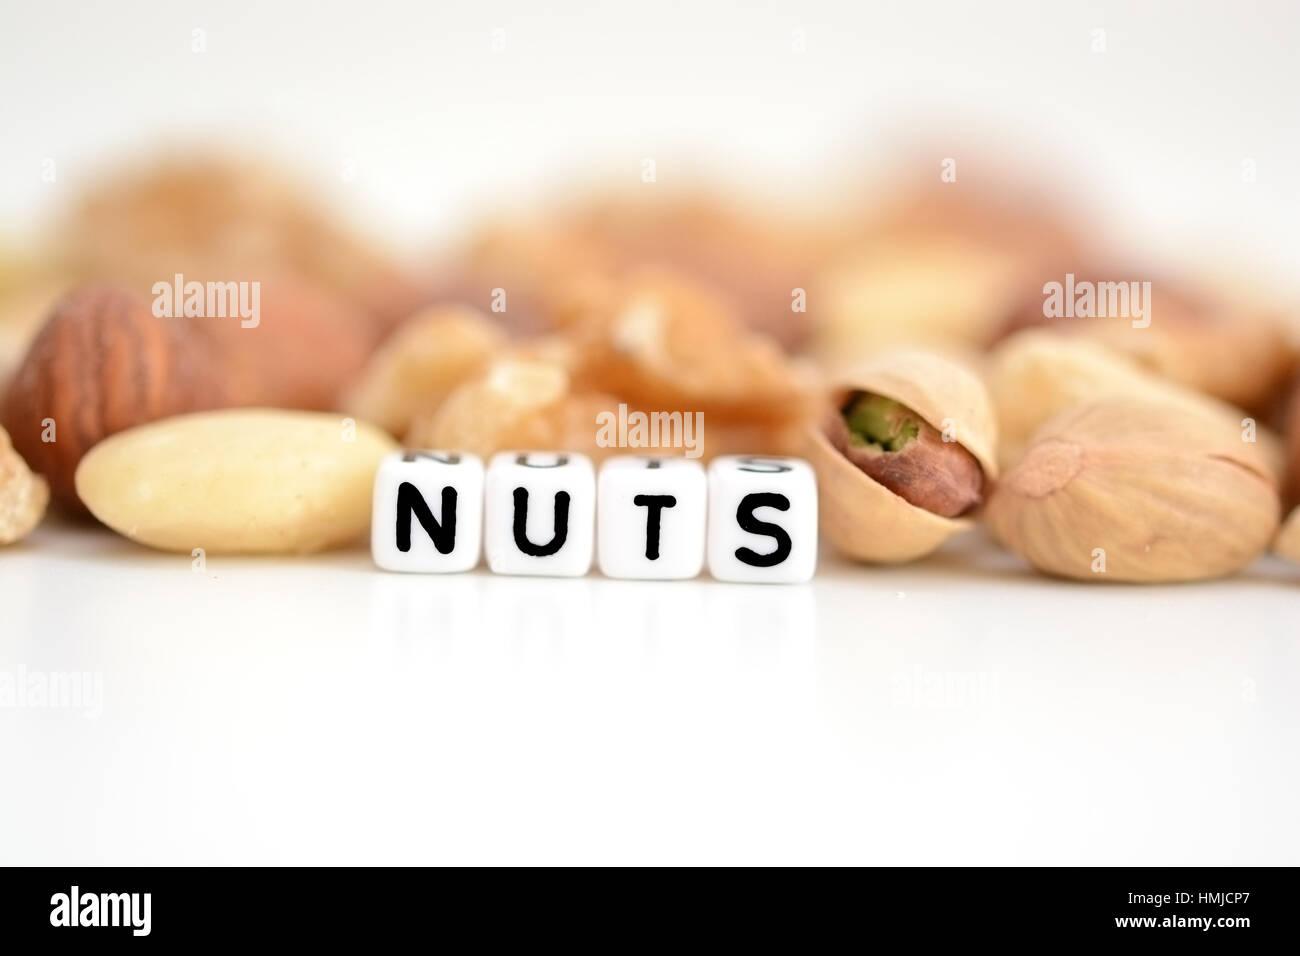 """Rohe Nüsse und das Wort """"Nuts"""" von Fliesen- buchstaben Perlen verteilt auf einem weißen Tisch geschrieben Stockfoto"""